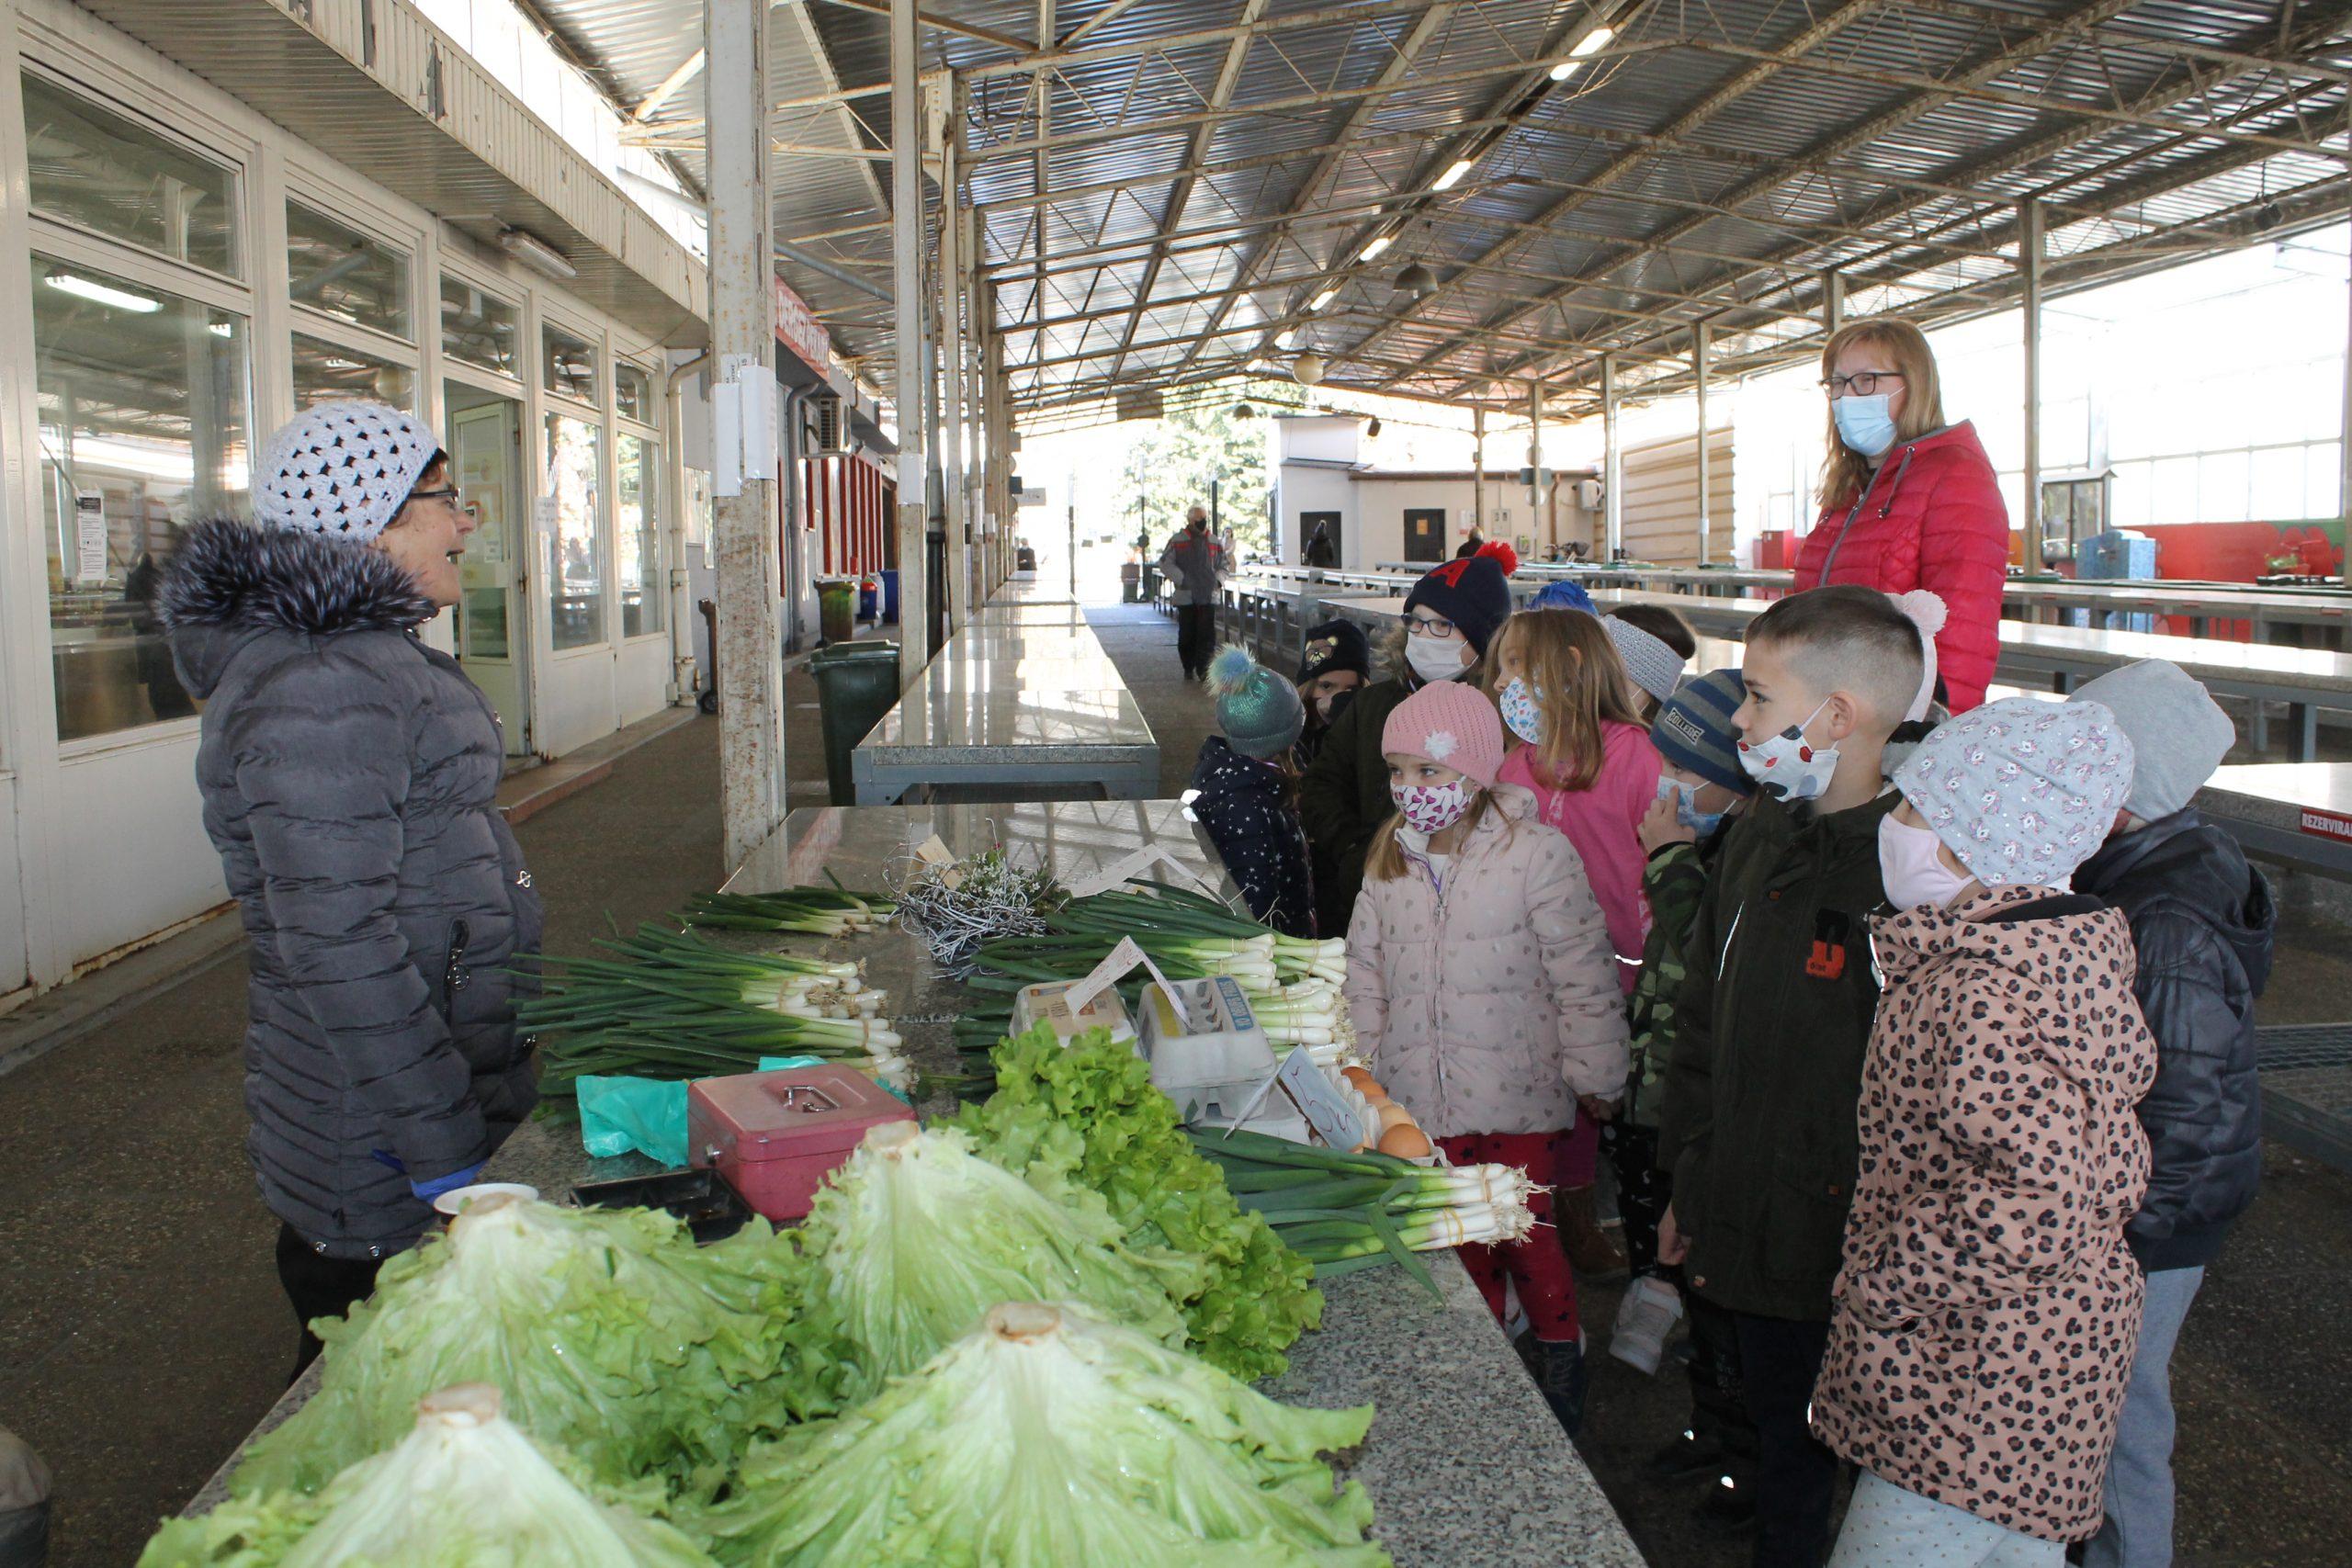 Edukativnom šetnjom tržnicom, obilježili Svjetski dan zdravlja